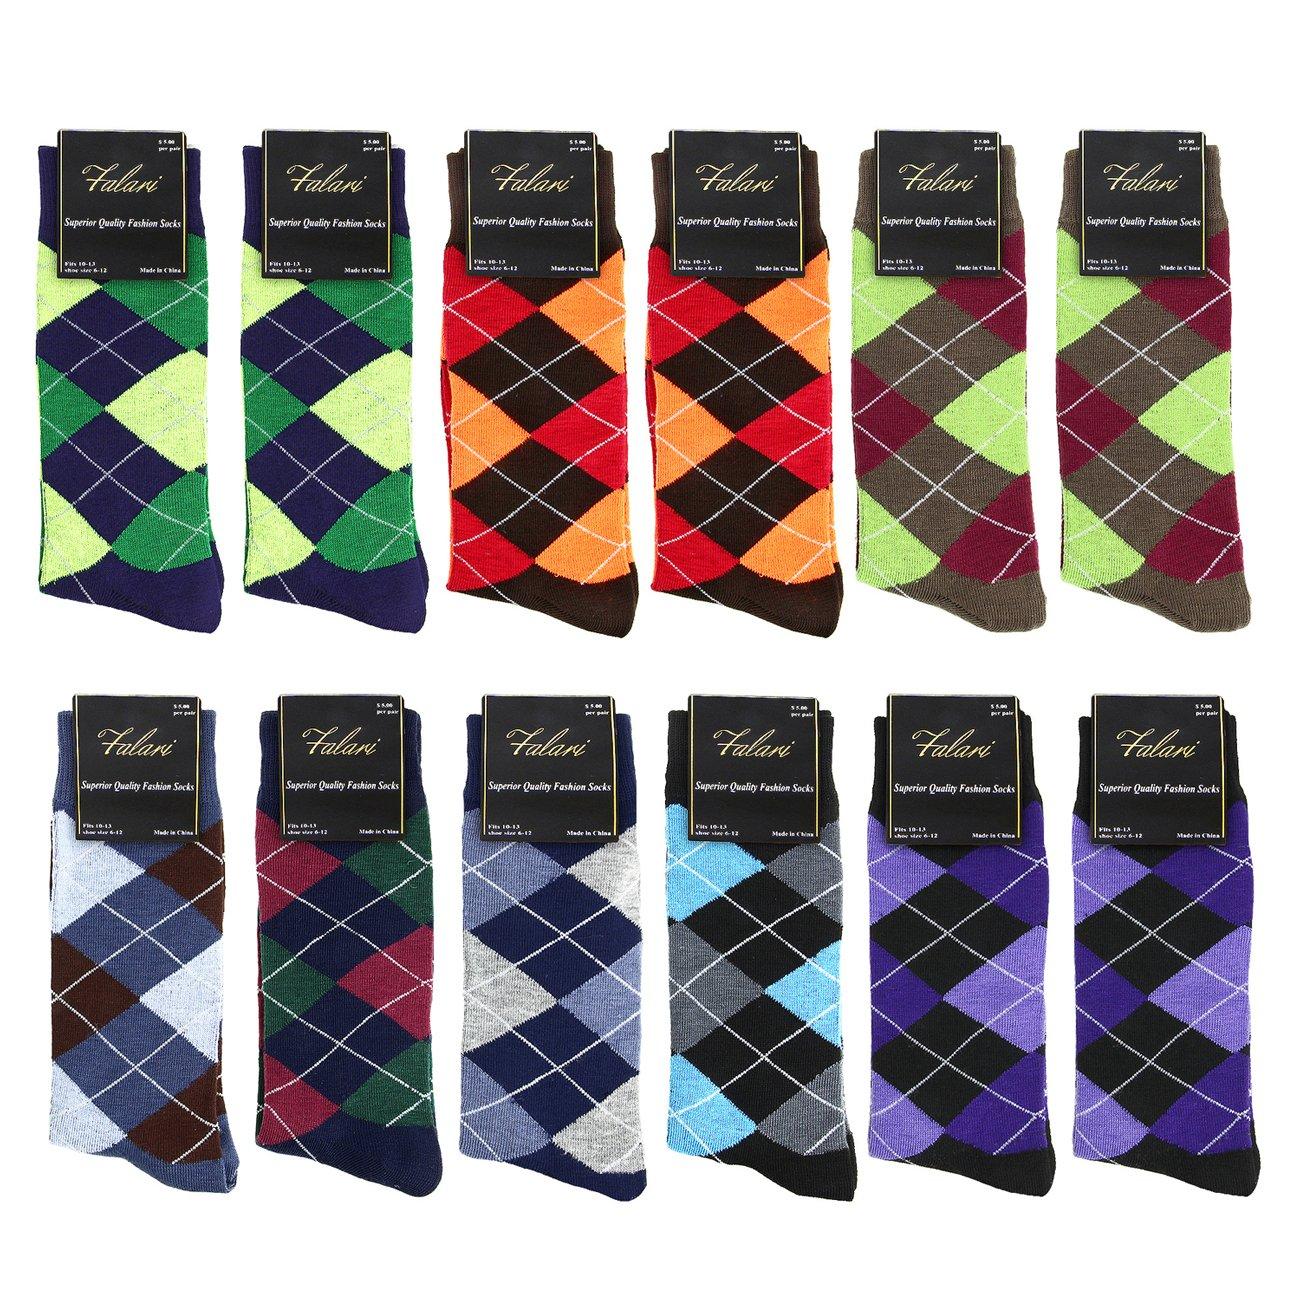 Falari Men Cotton Dress Socks, 12-pack (Diamond Shaped)., One Size